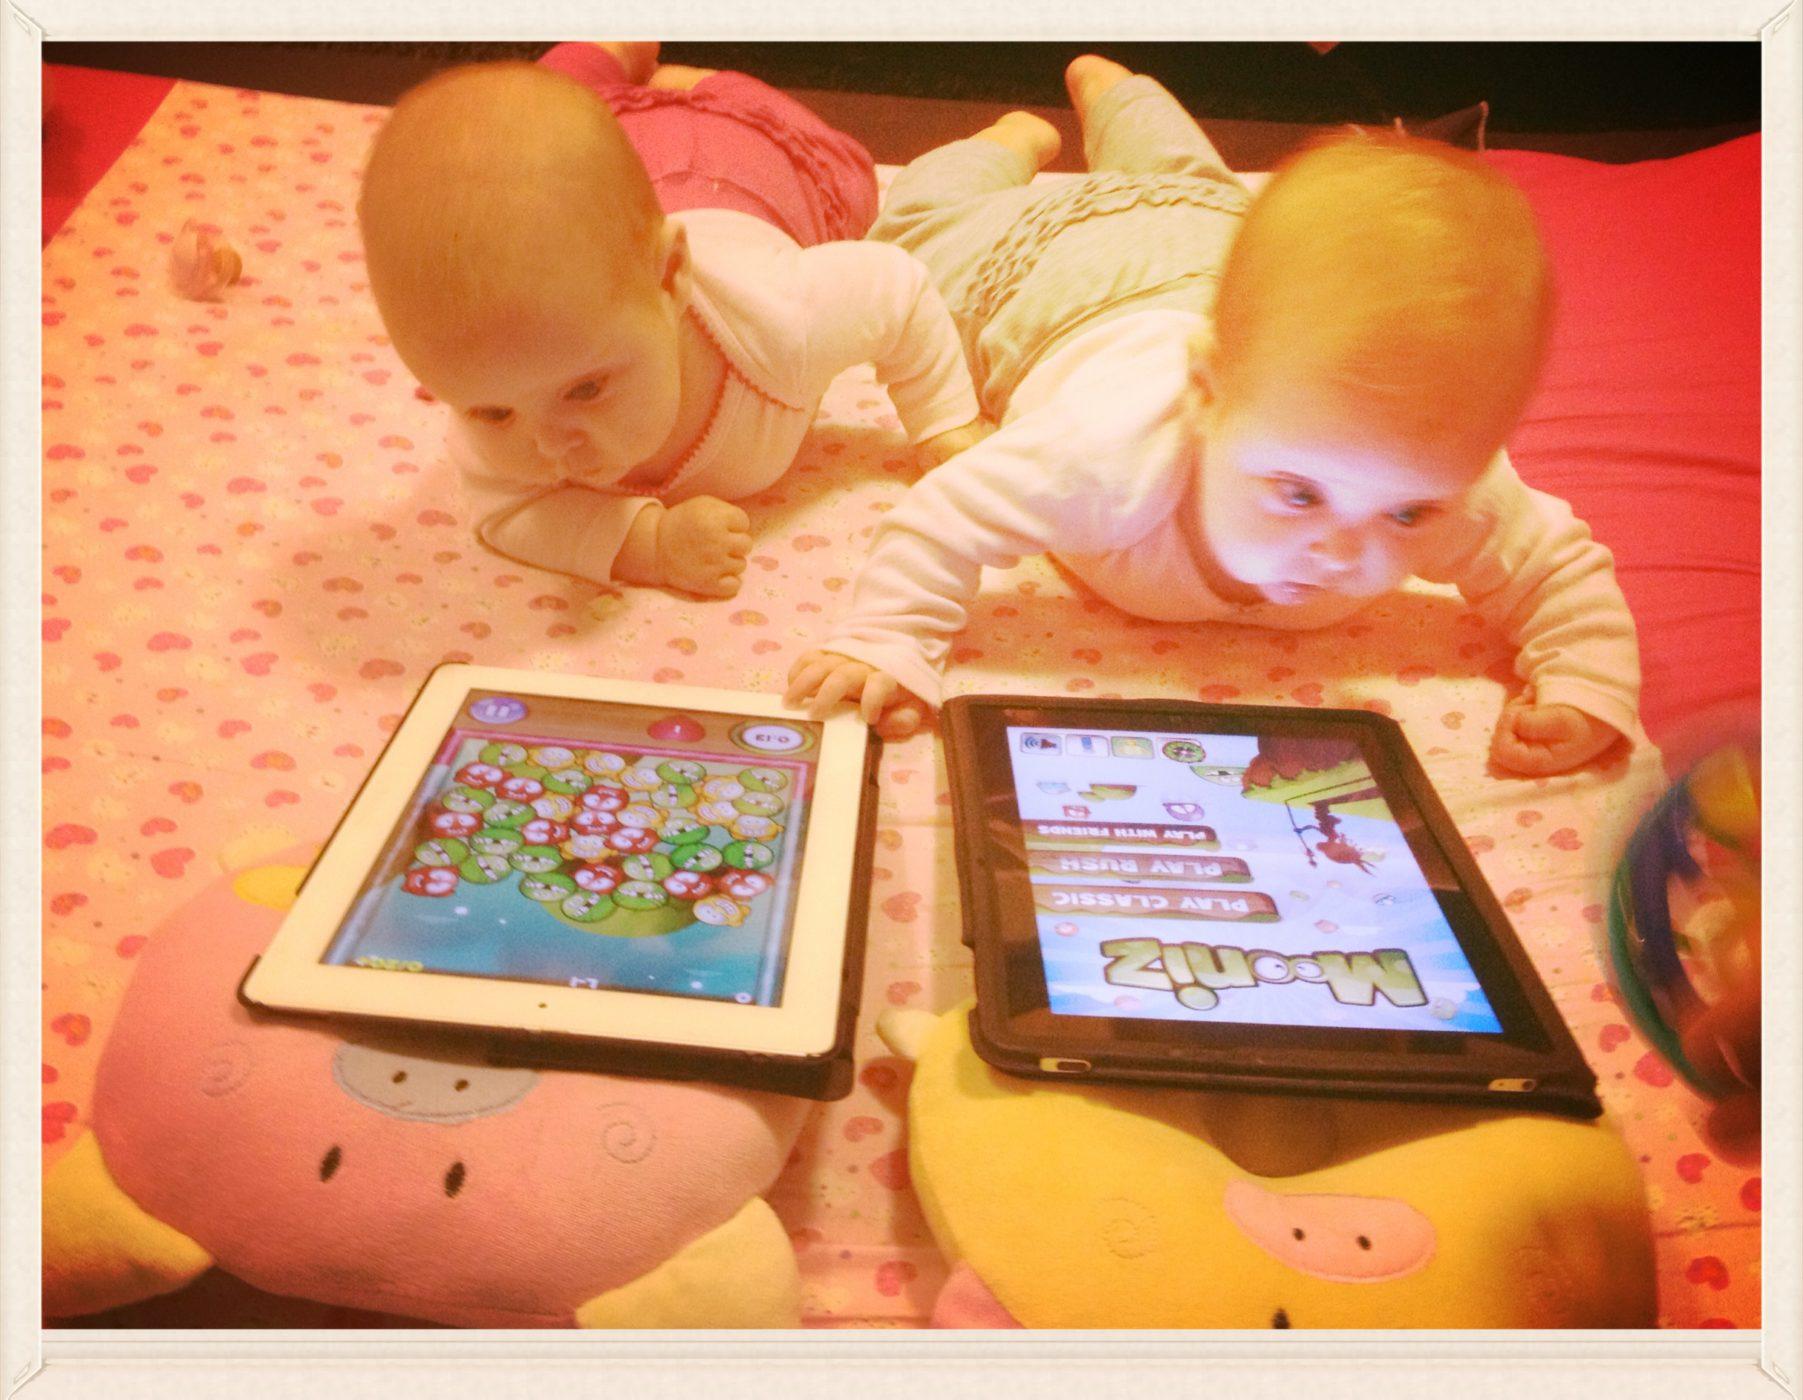 שם השולח: יהונתן צביק. משחק ילדים! התאומות הטריות שלנו רונה ועלמה רק בנות 5 חודשים ולא מוכנות לוותר על הטאבלט בשעת הפעילות שלהן(לכל אחת כמובן יש את ה ipad שלה). על כך נאמר